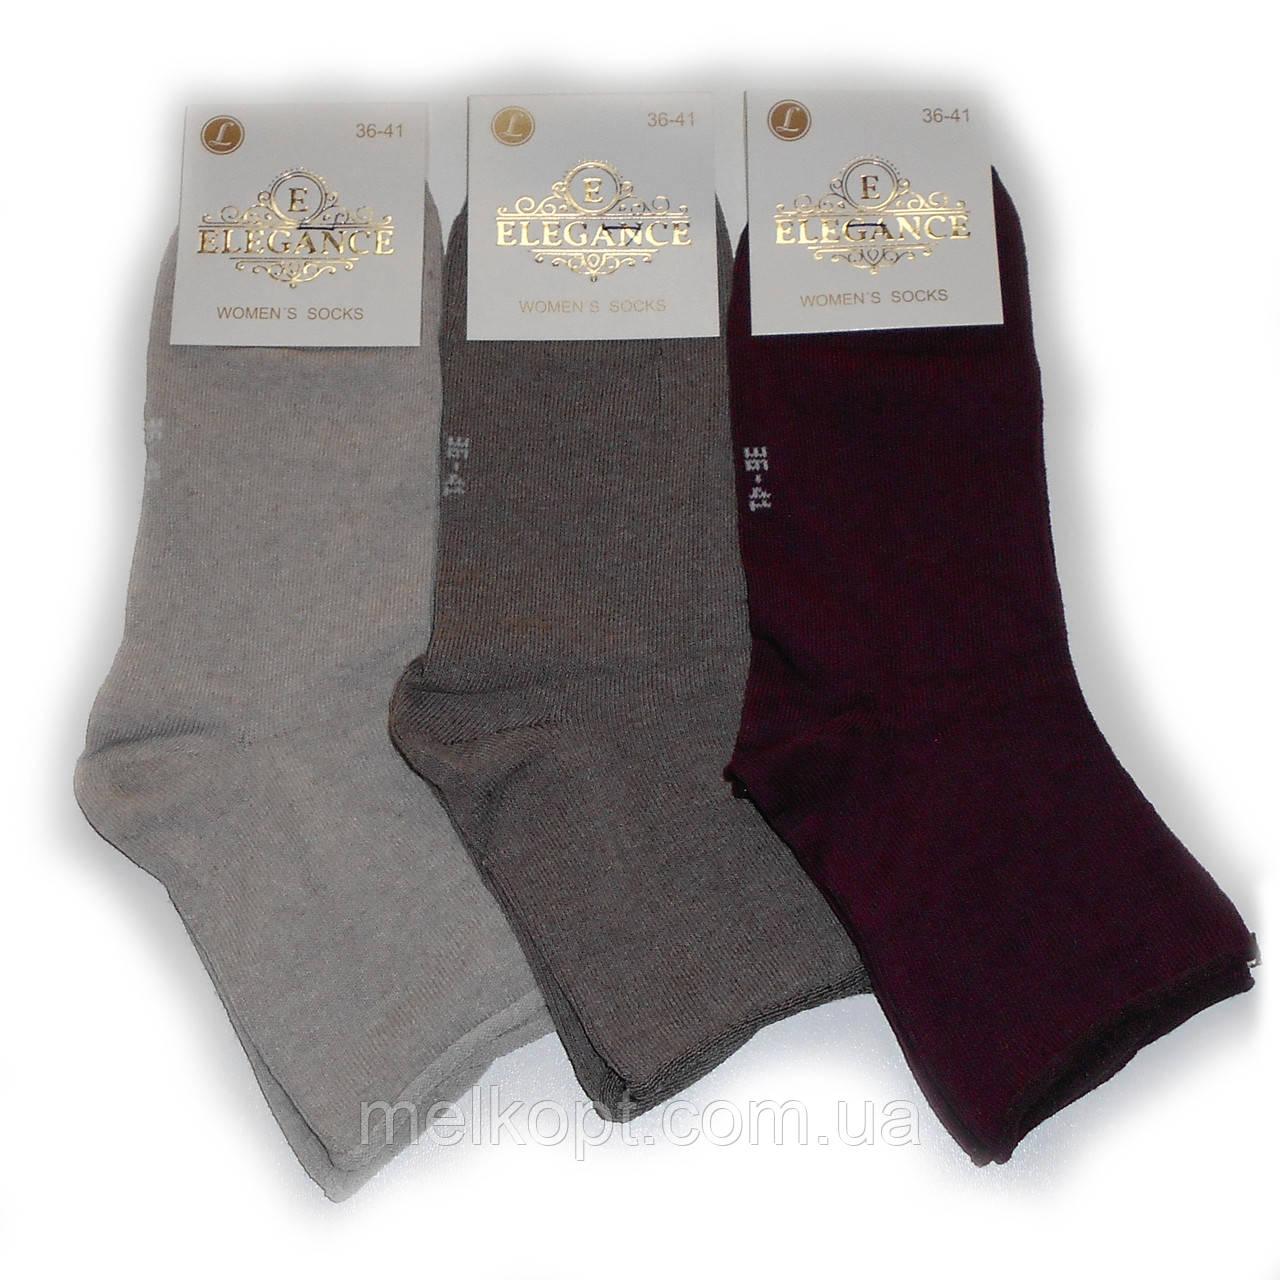 Женские носки без резинки Elegance - 9,50 грн./пара